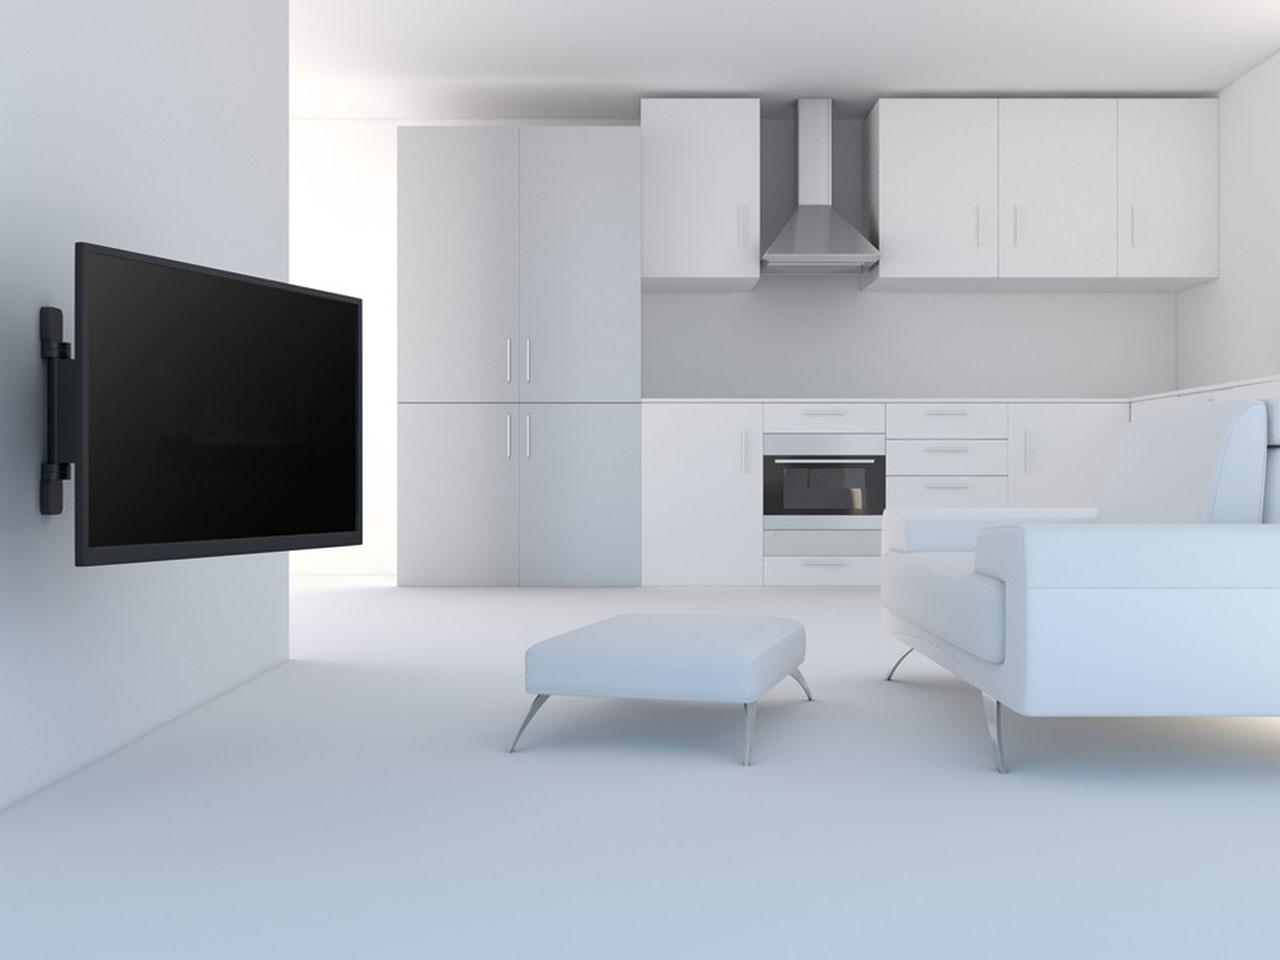 ... Vorschau: Aufbaubeispiel Motorisierte Elektrische Schwenkbare VESA  TV Wandhalterung 32 55 Zoll ...